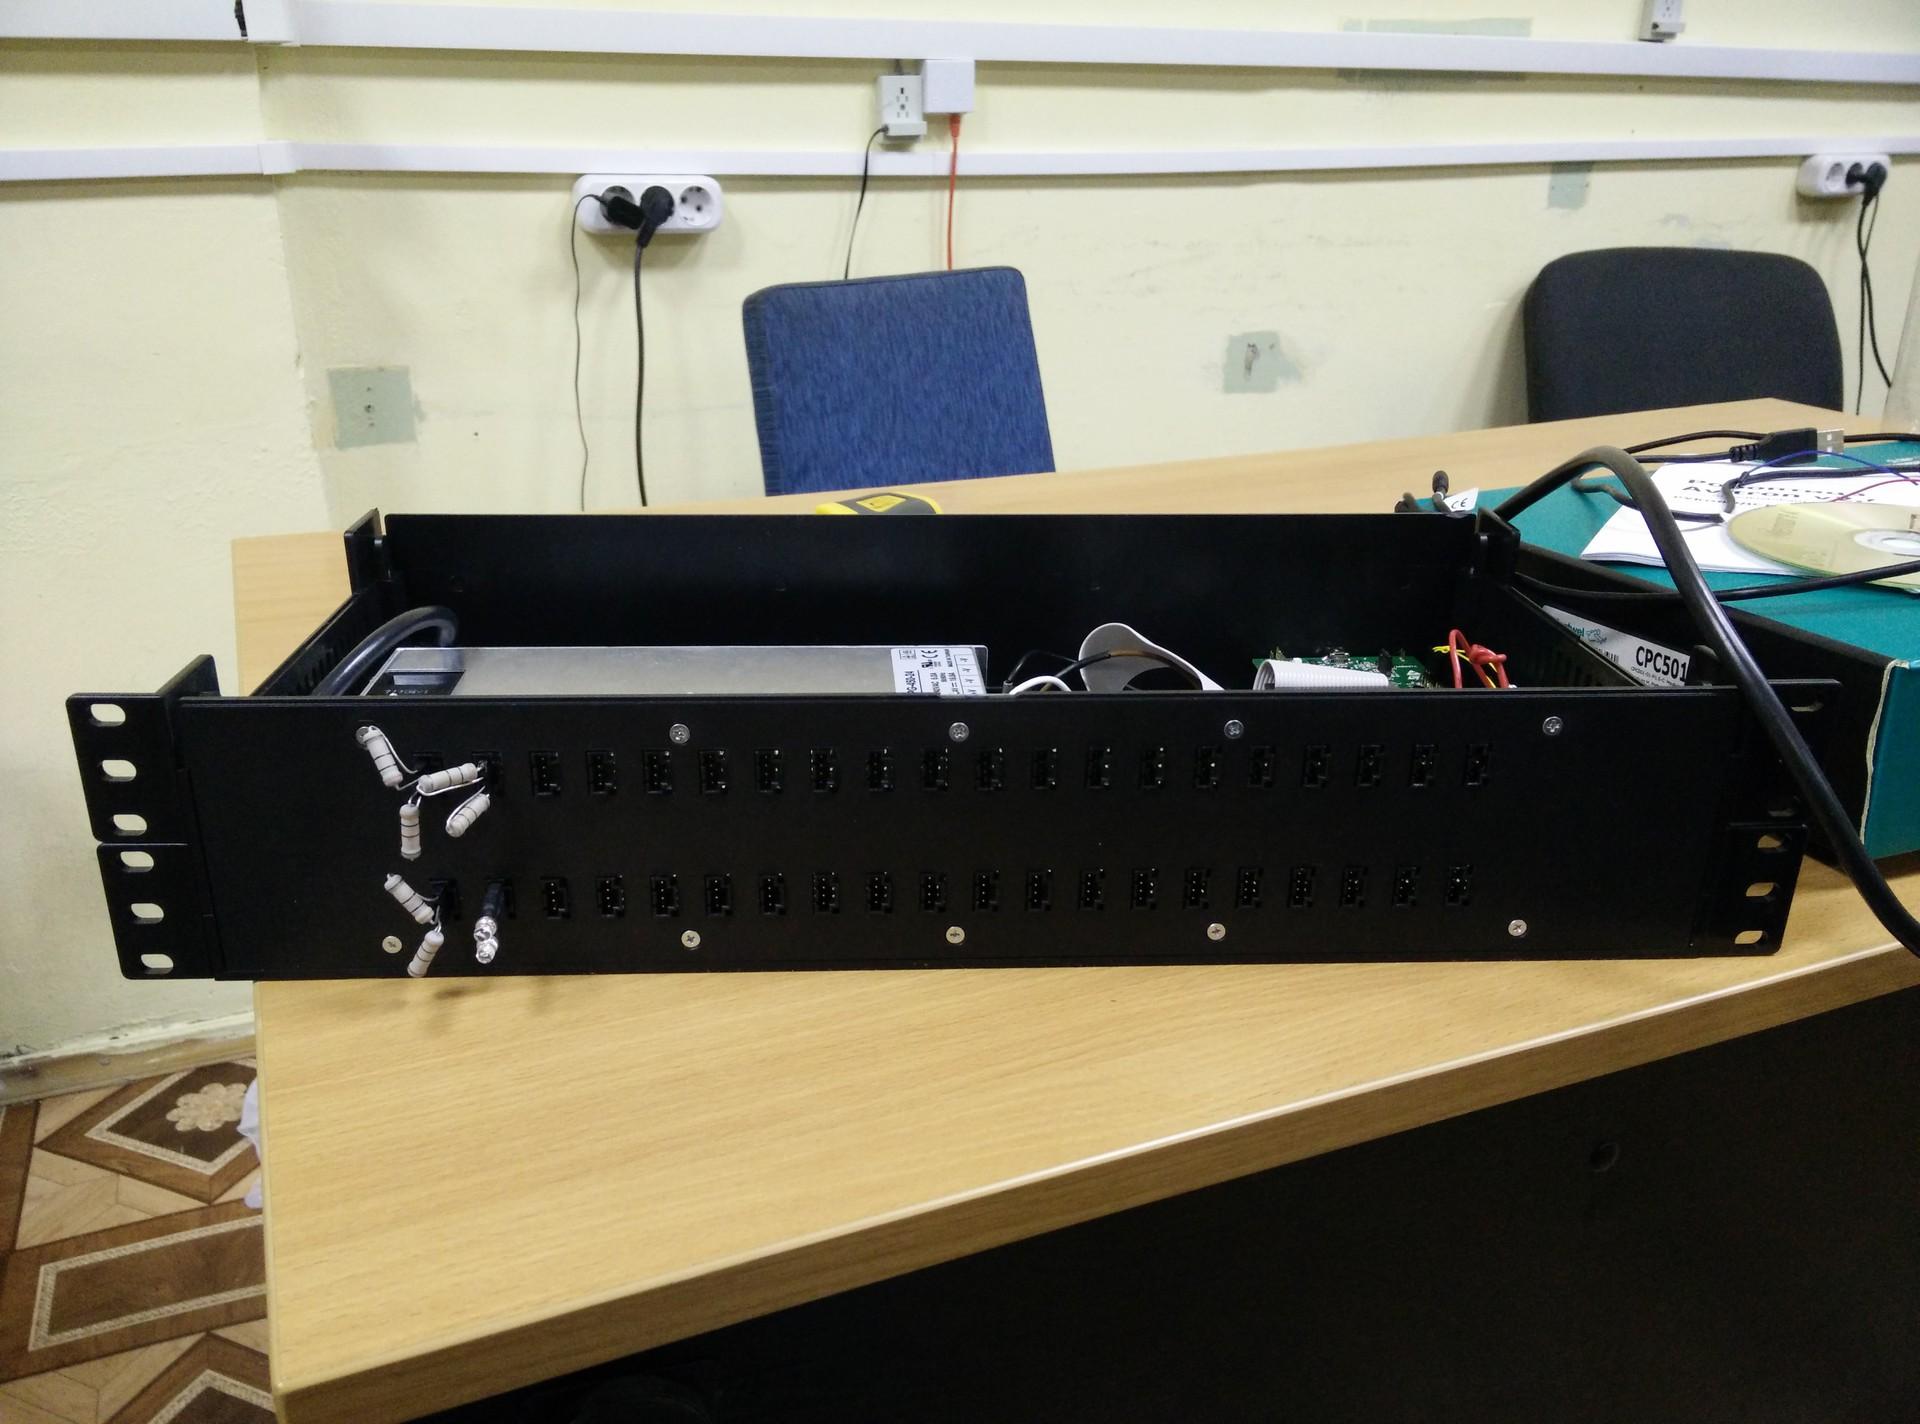 Как мы строили систему аварийной сигнализации дата-центра - 6